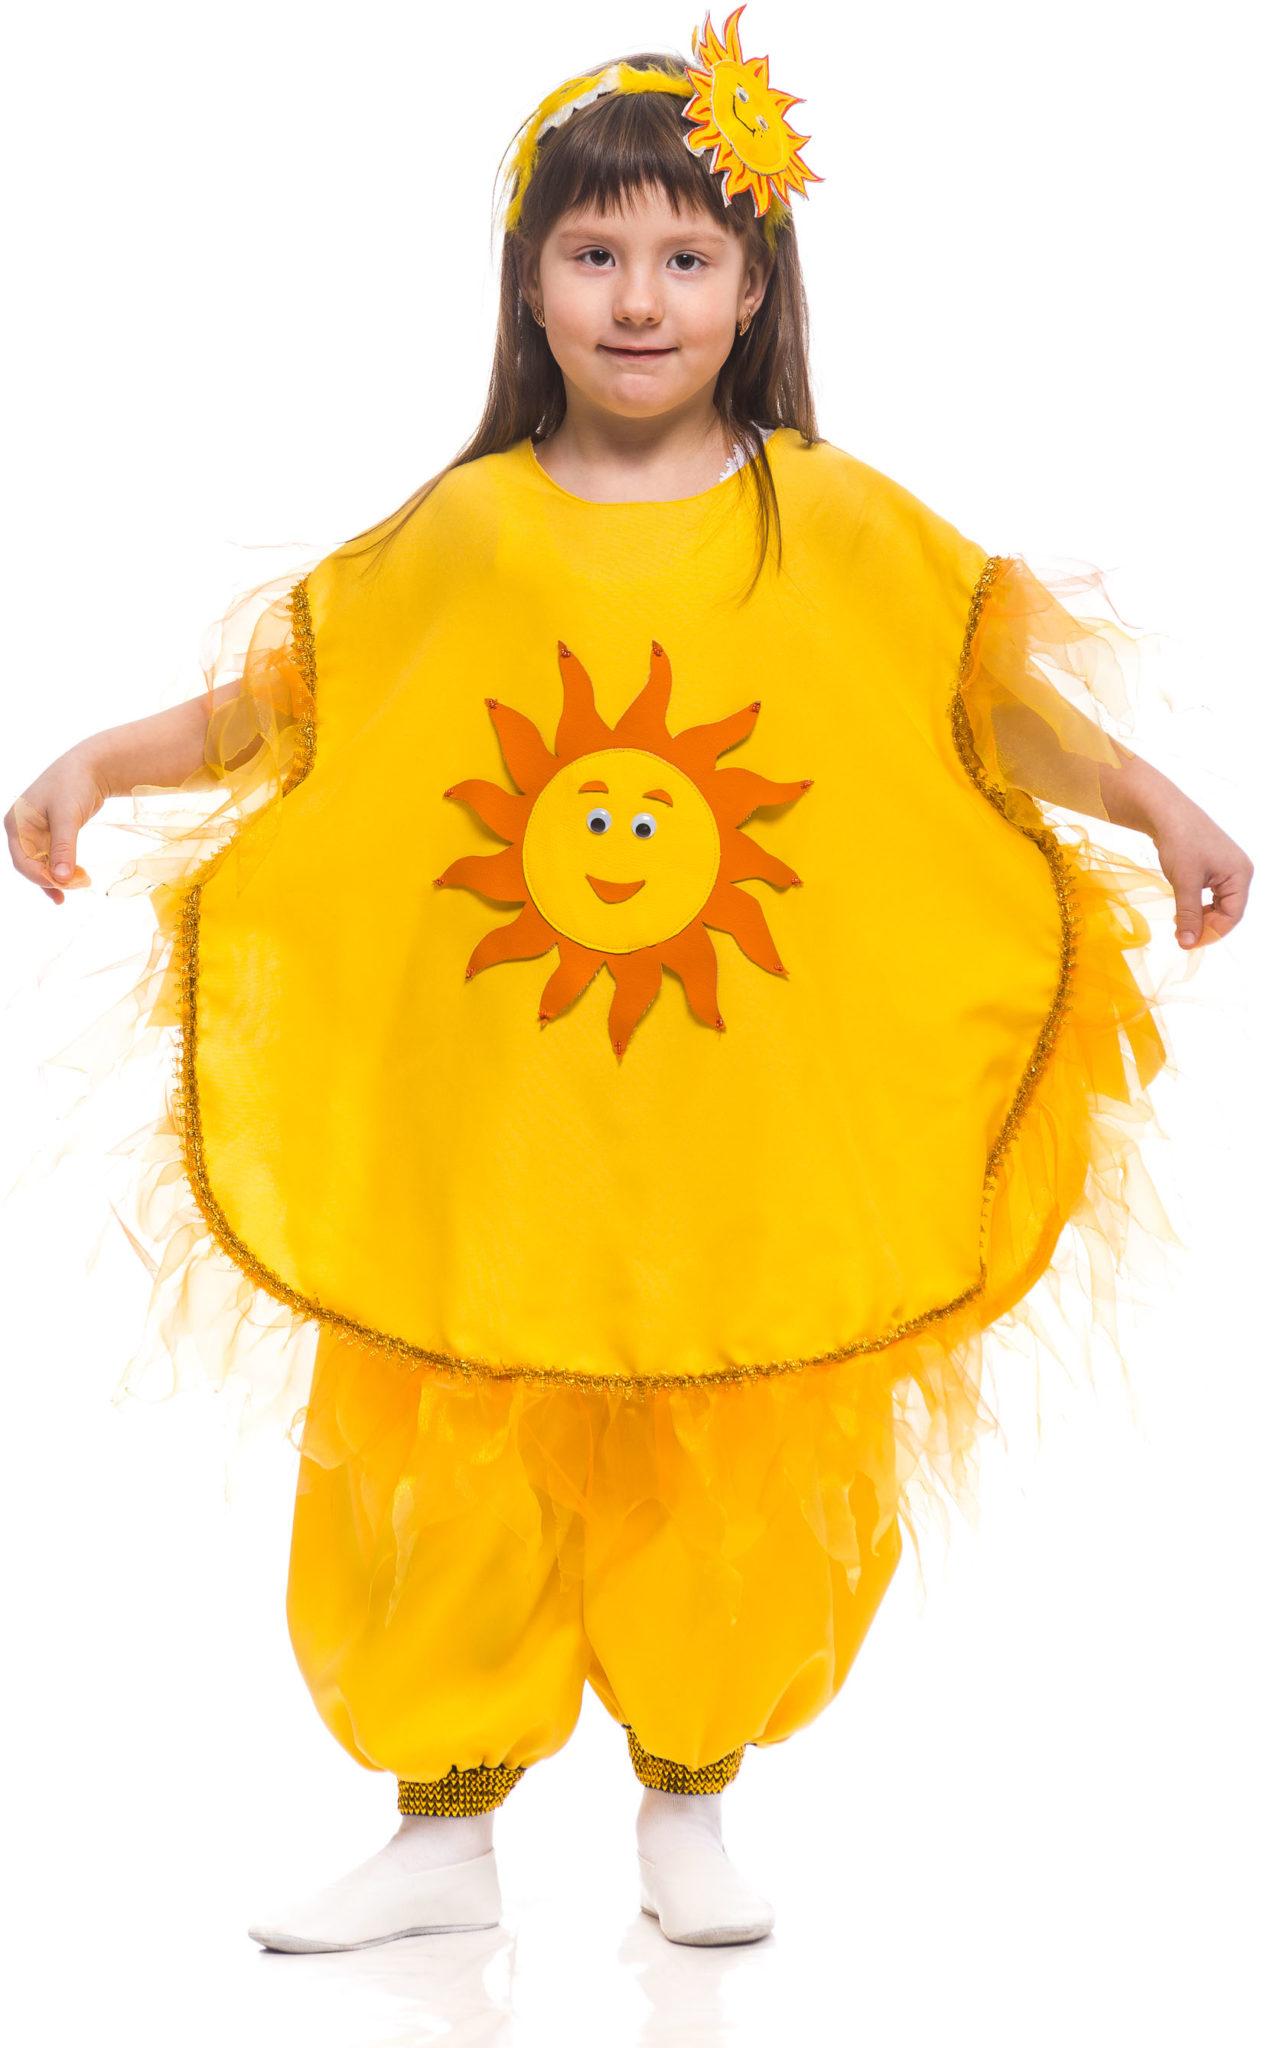 поздравить костюм солнышко своими руками фото говорите, если